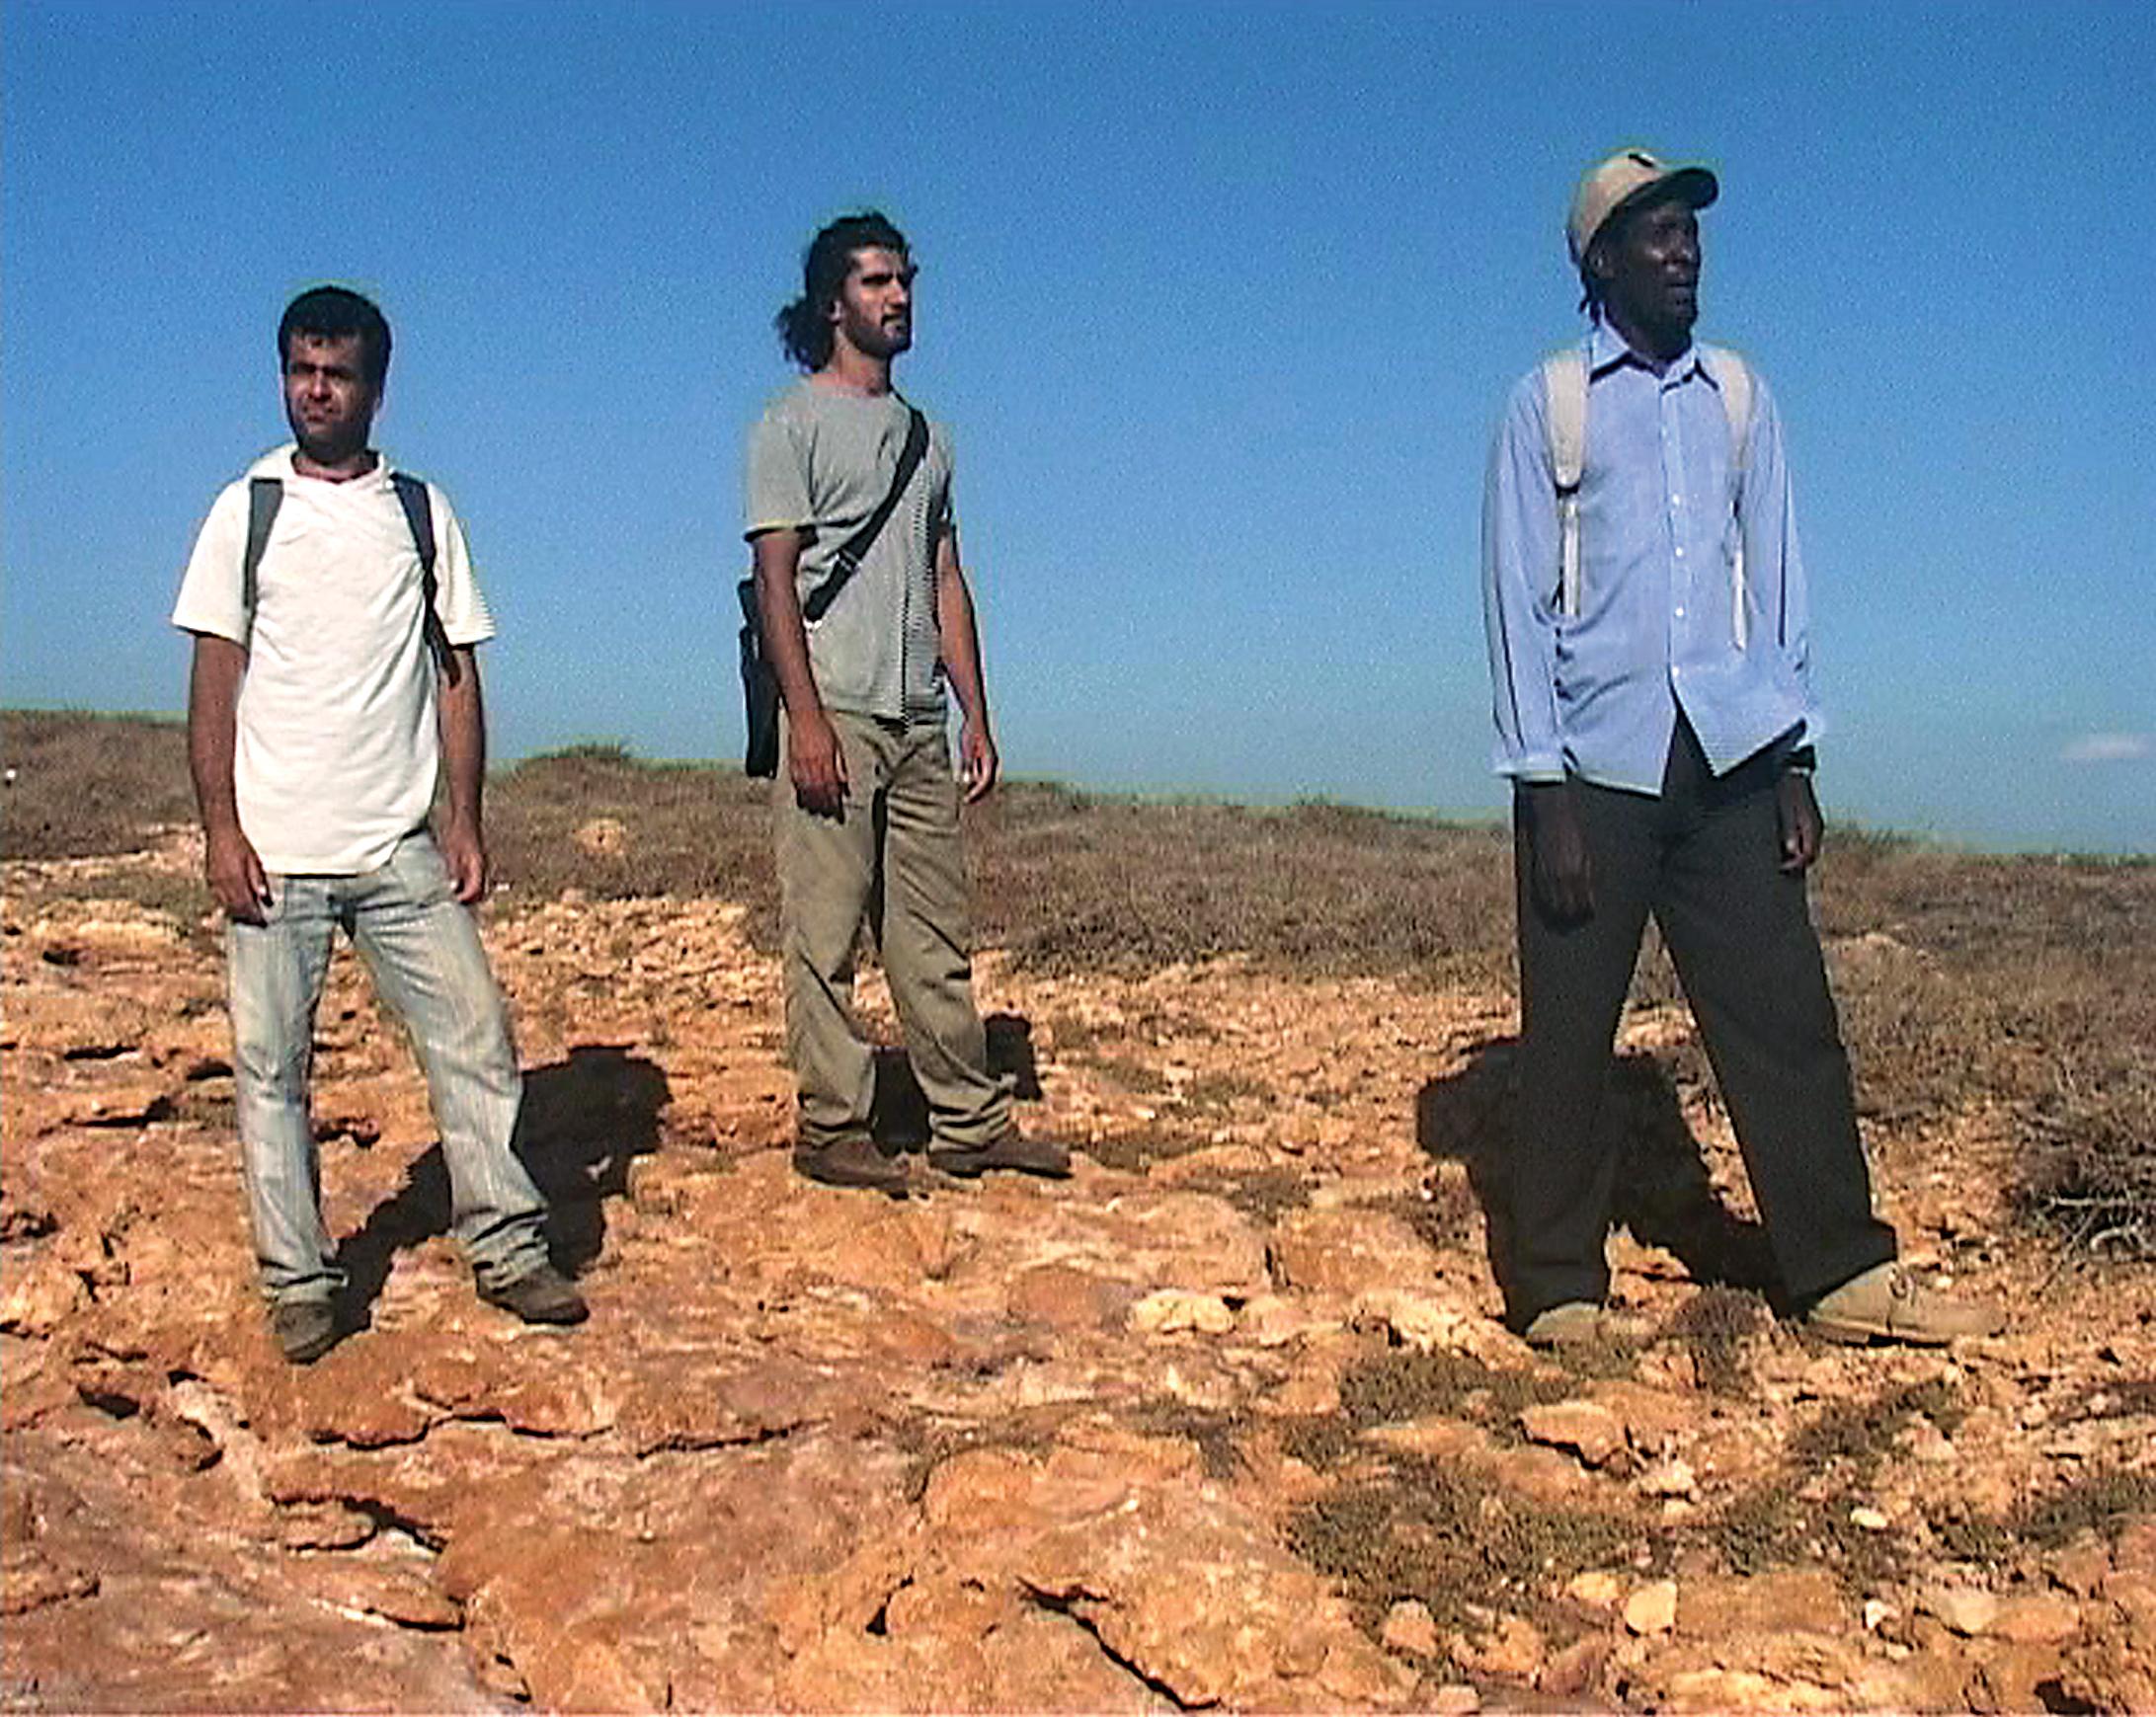 Στέφανος Τσιβόπουλος (1973) The Land, 2006 Βιντεοεγκατάσταση Bίντεο διάρκειας 8΄, έγχρωμο, με ήχο Αγορά 2008 Εθνικό Μουσείο Σύγχρονης Τέχνης, Aρ. Εισ. 603/08